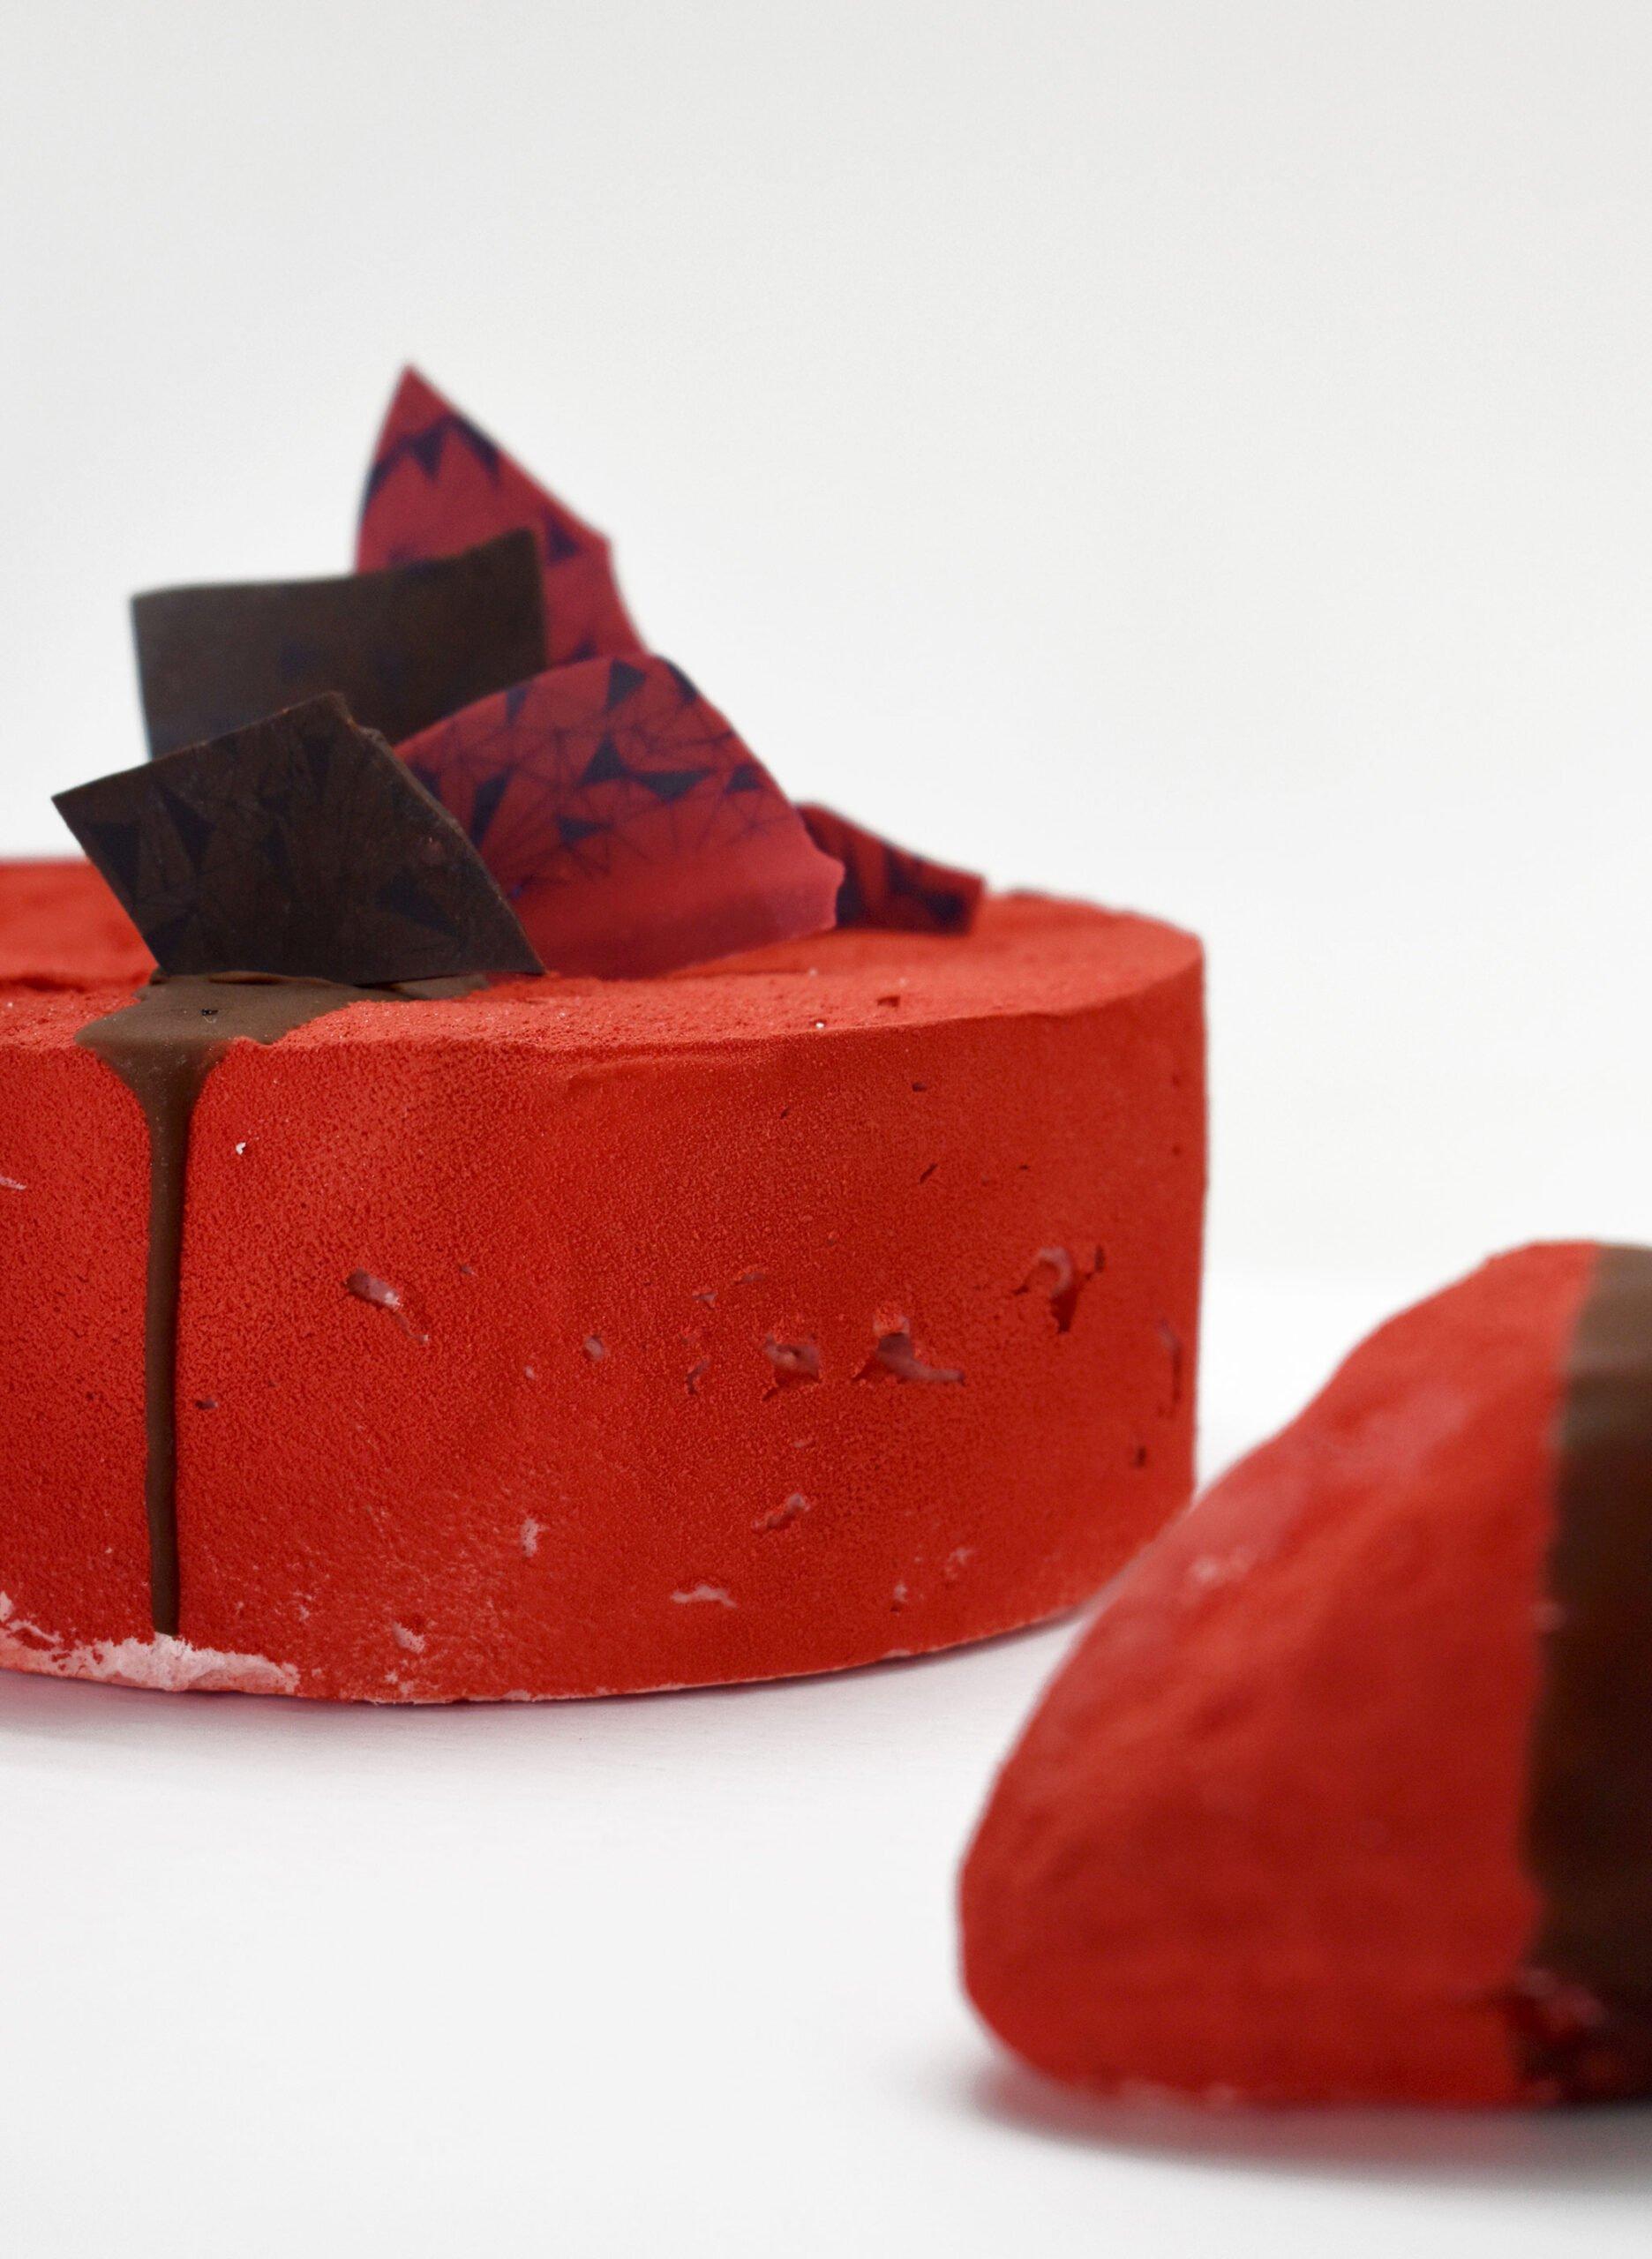 Dulce de fresas y chocolate – Beekery